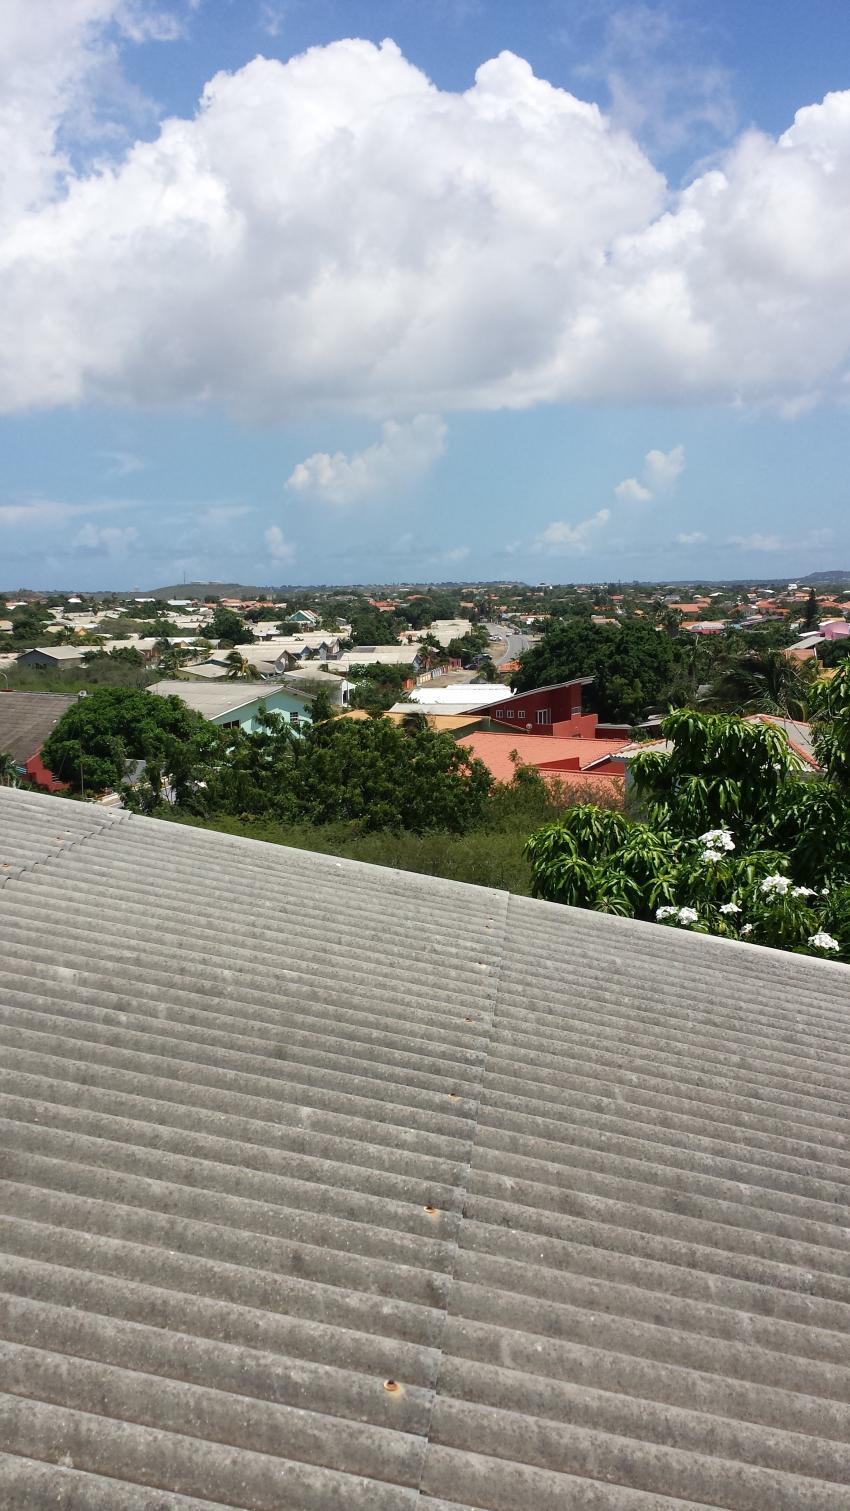 Aussicht auf die Insel 1, Diving Curacao (Kashimiri Apartments), Niederländische Antillen, Curaçao